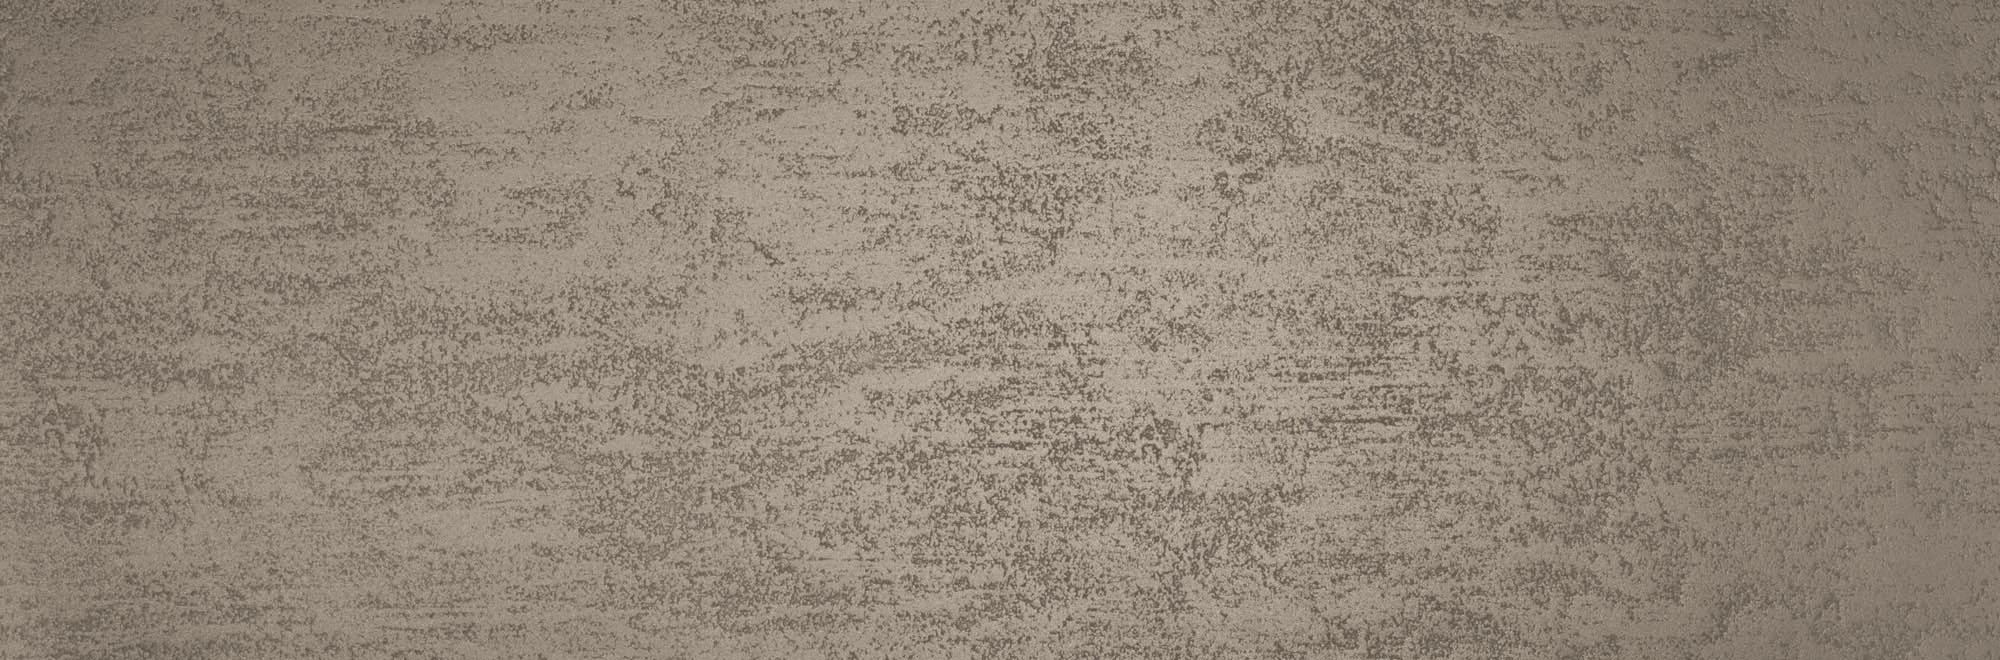 K717028180, Essence, Ruskea, lattia,pakkasenkesto